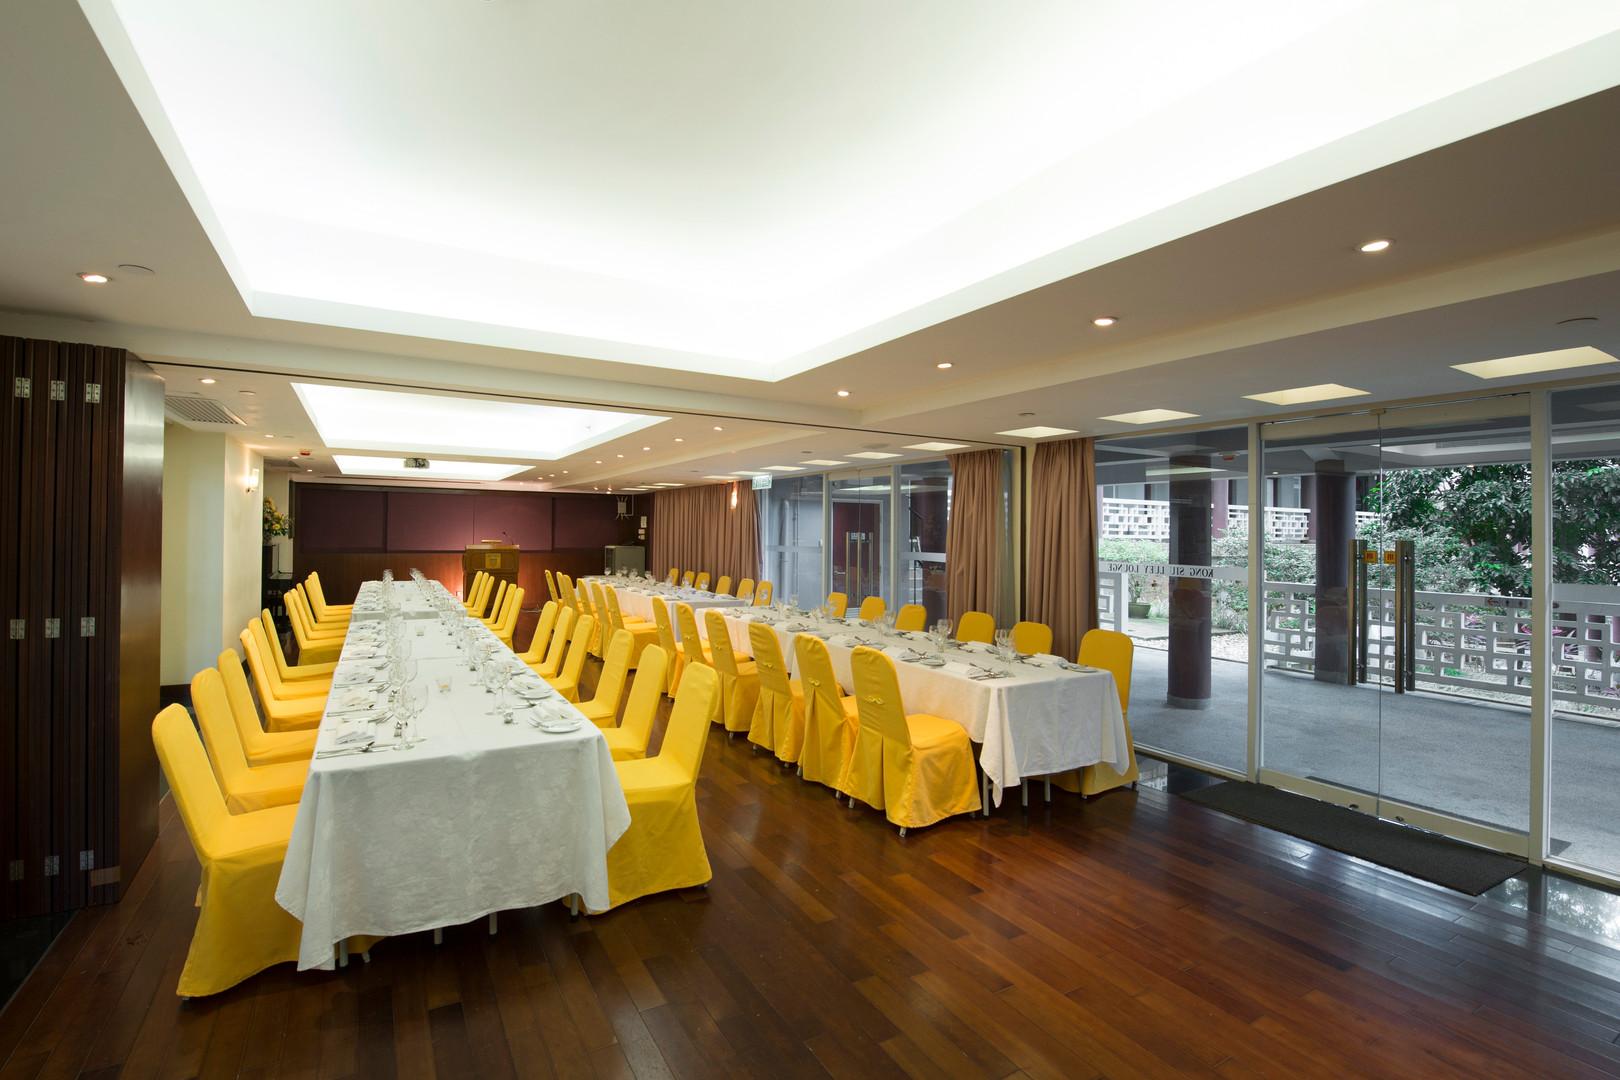 Kong Siu Luey Lounge